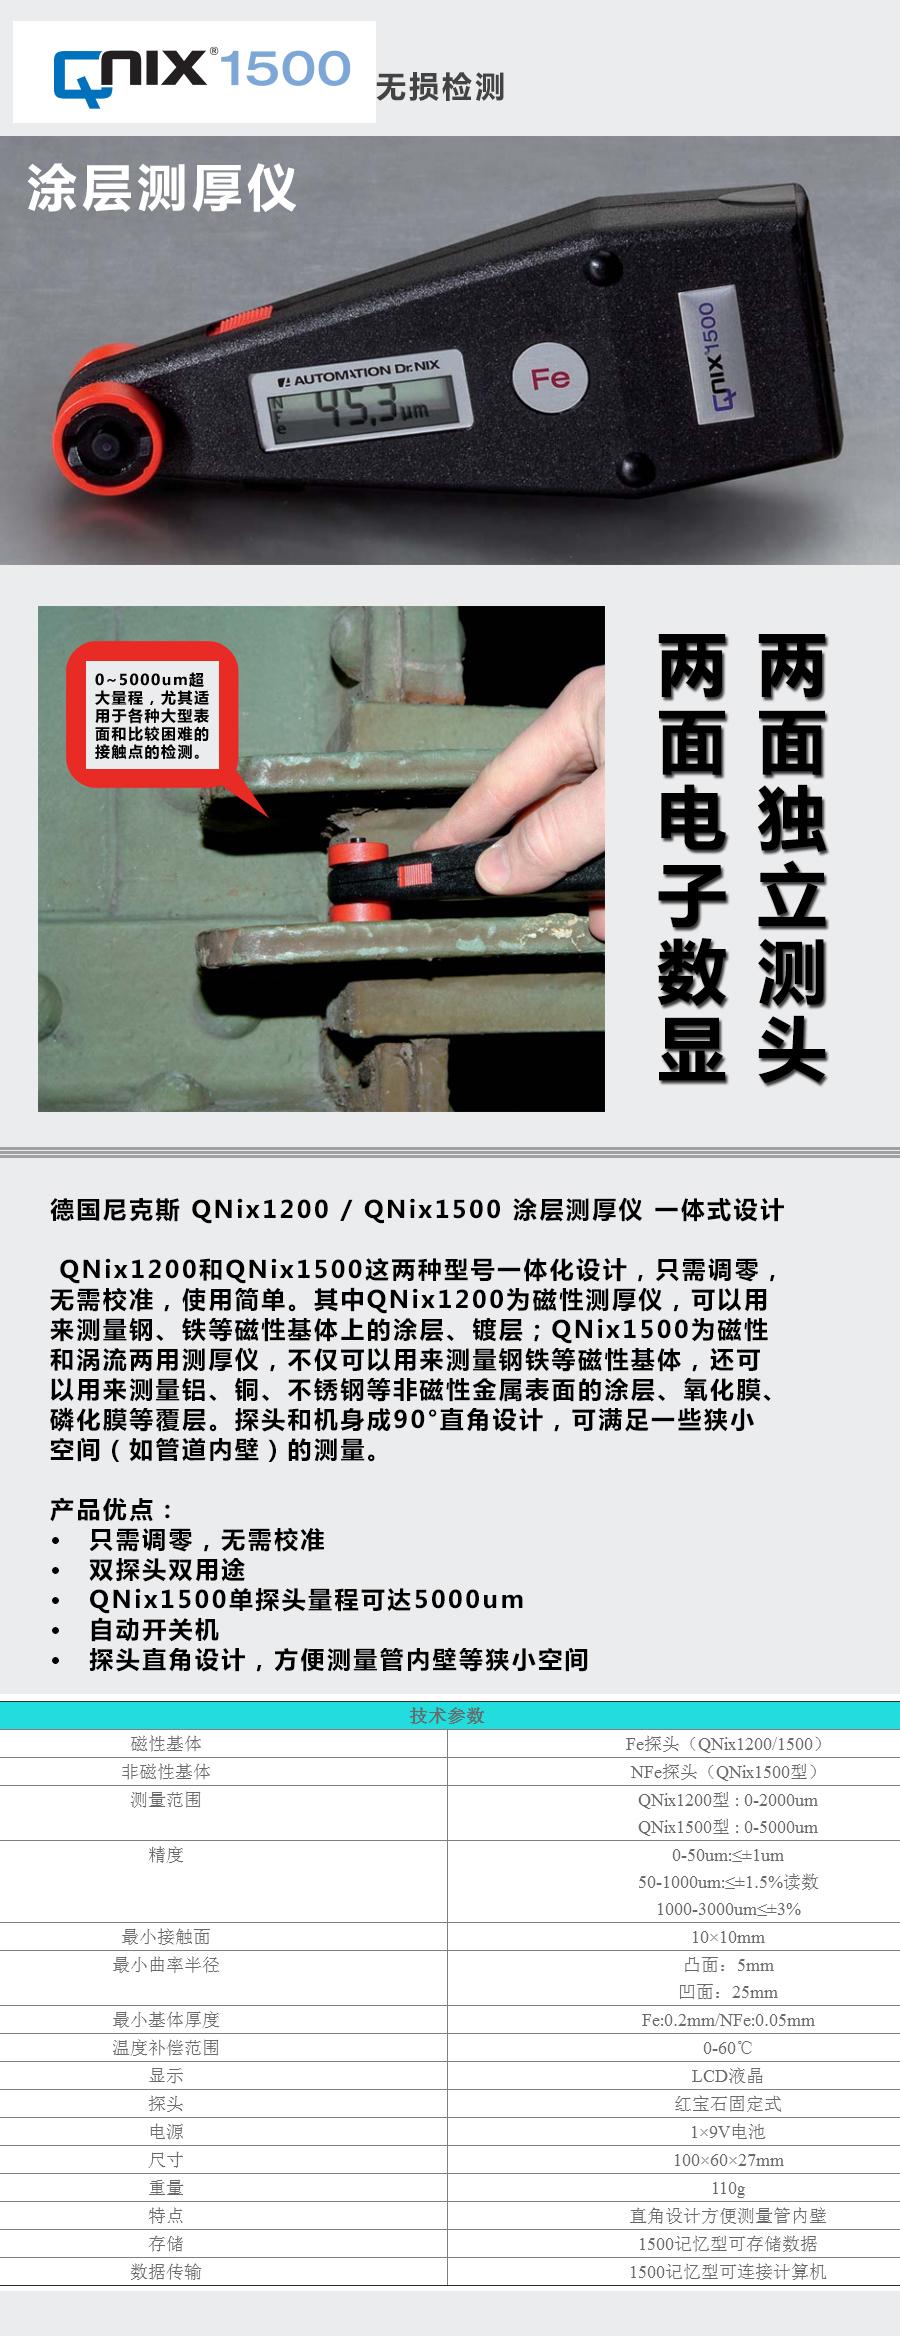 QNIX1200車漆膜厚測量儀使用說明